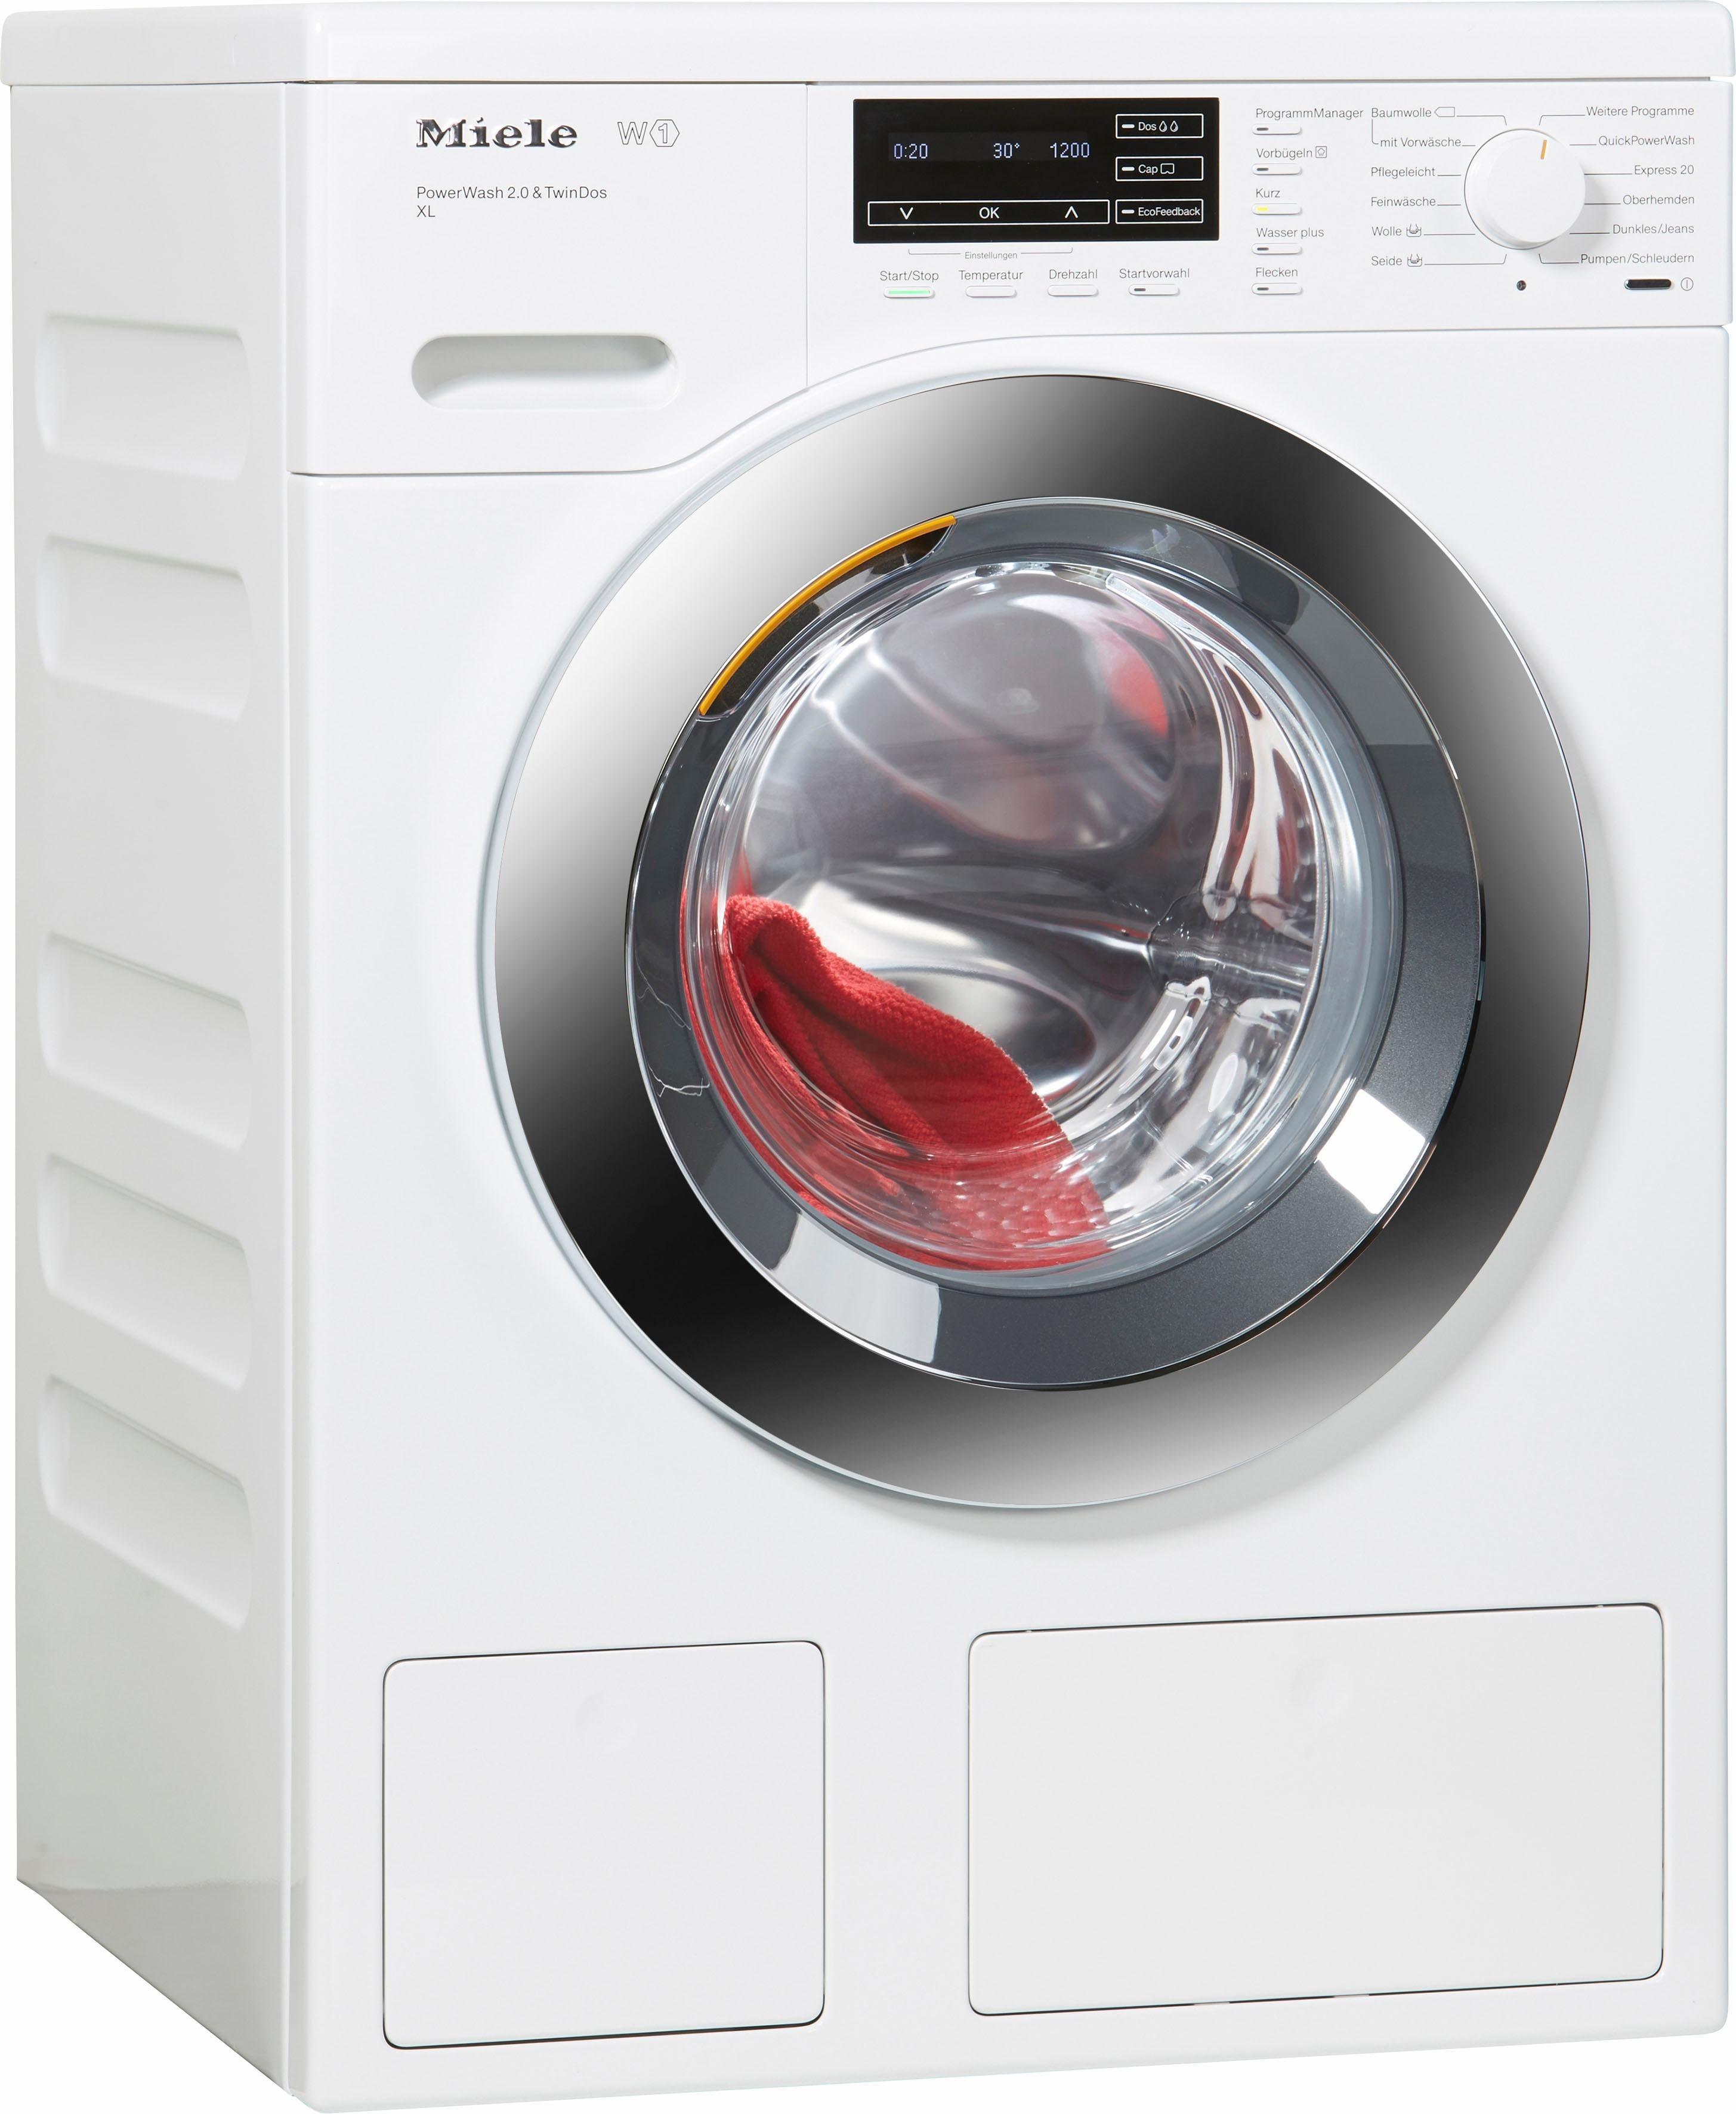 miele waschmaschine 1600 u min preisvergleich die besten. Black Bedroom Furniture Sets. Home Design Ideas